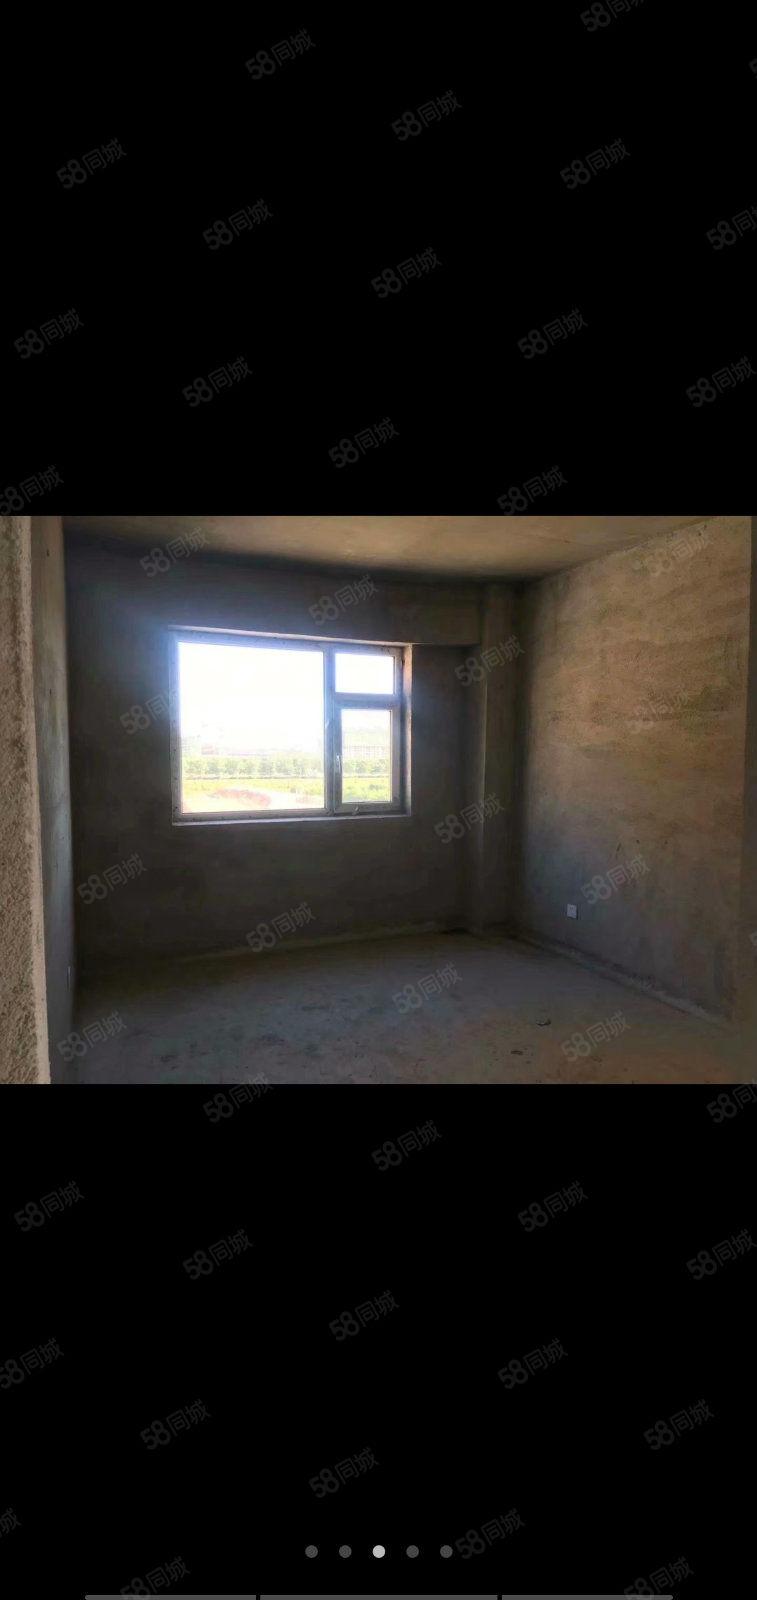 御龙苑60.5平,首付5.5万,电梯好楼层,下手得快